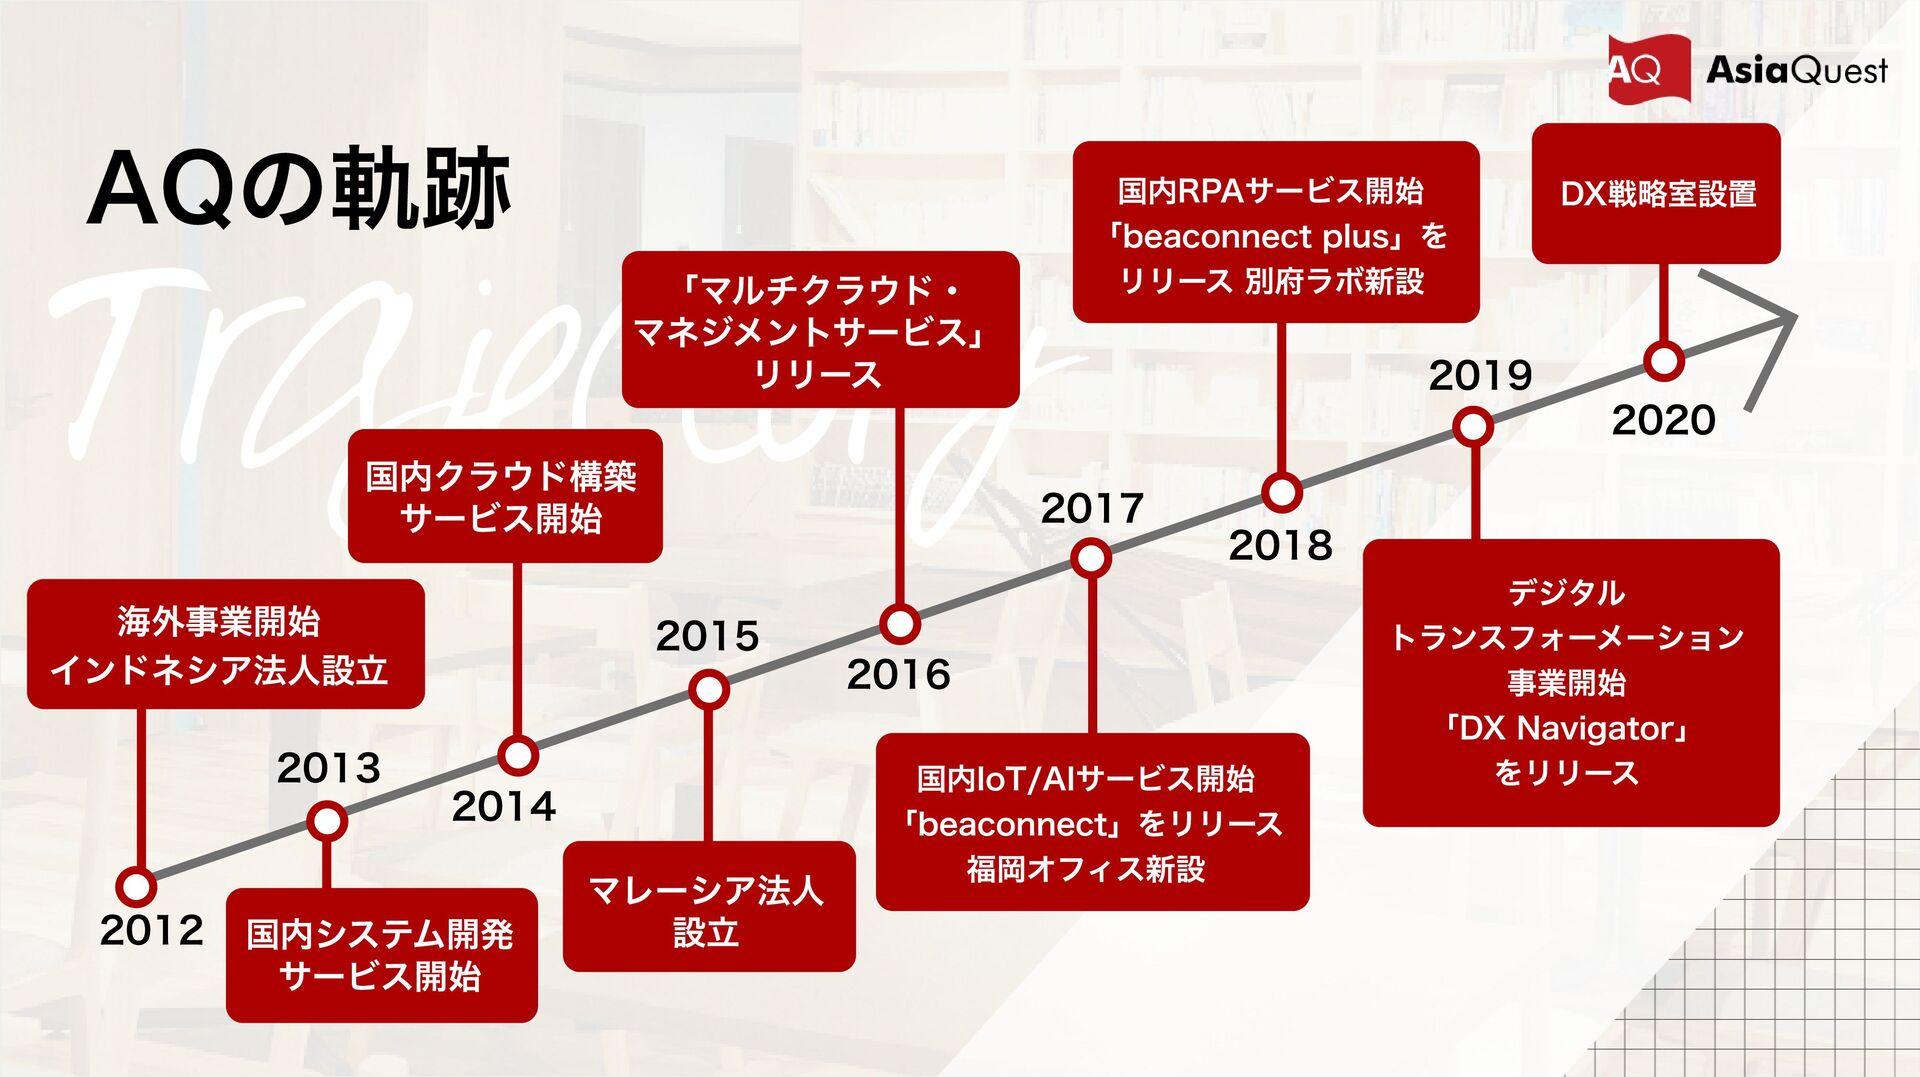 Trajectory AQの軌跡 2019 2020 2013 2015 2017 2012 ...